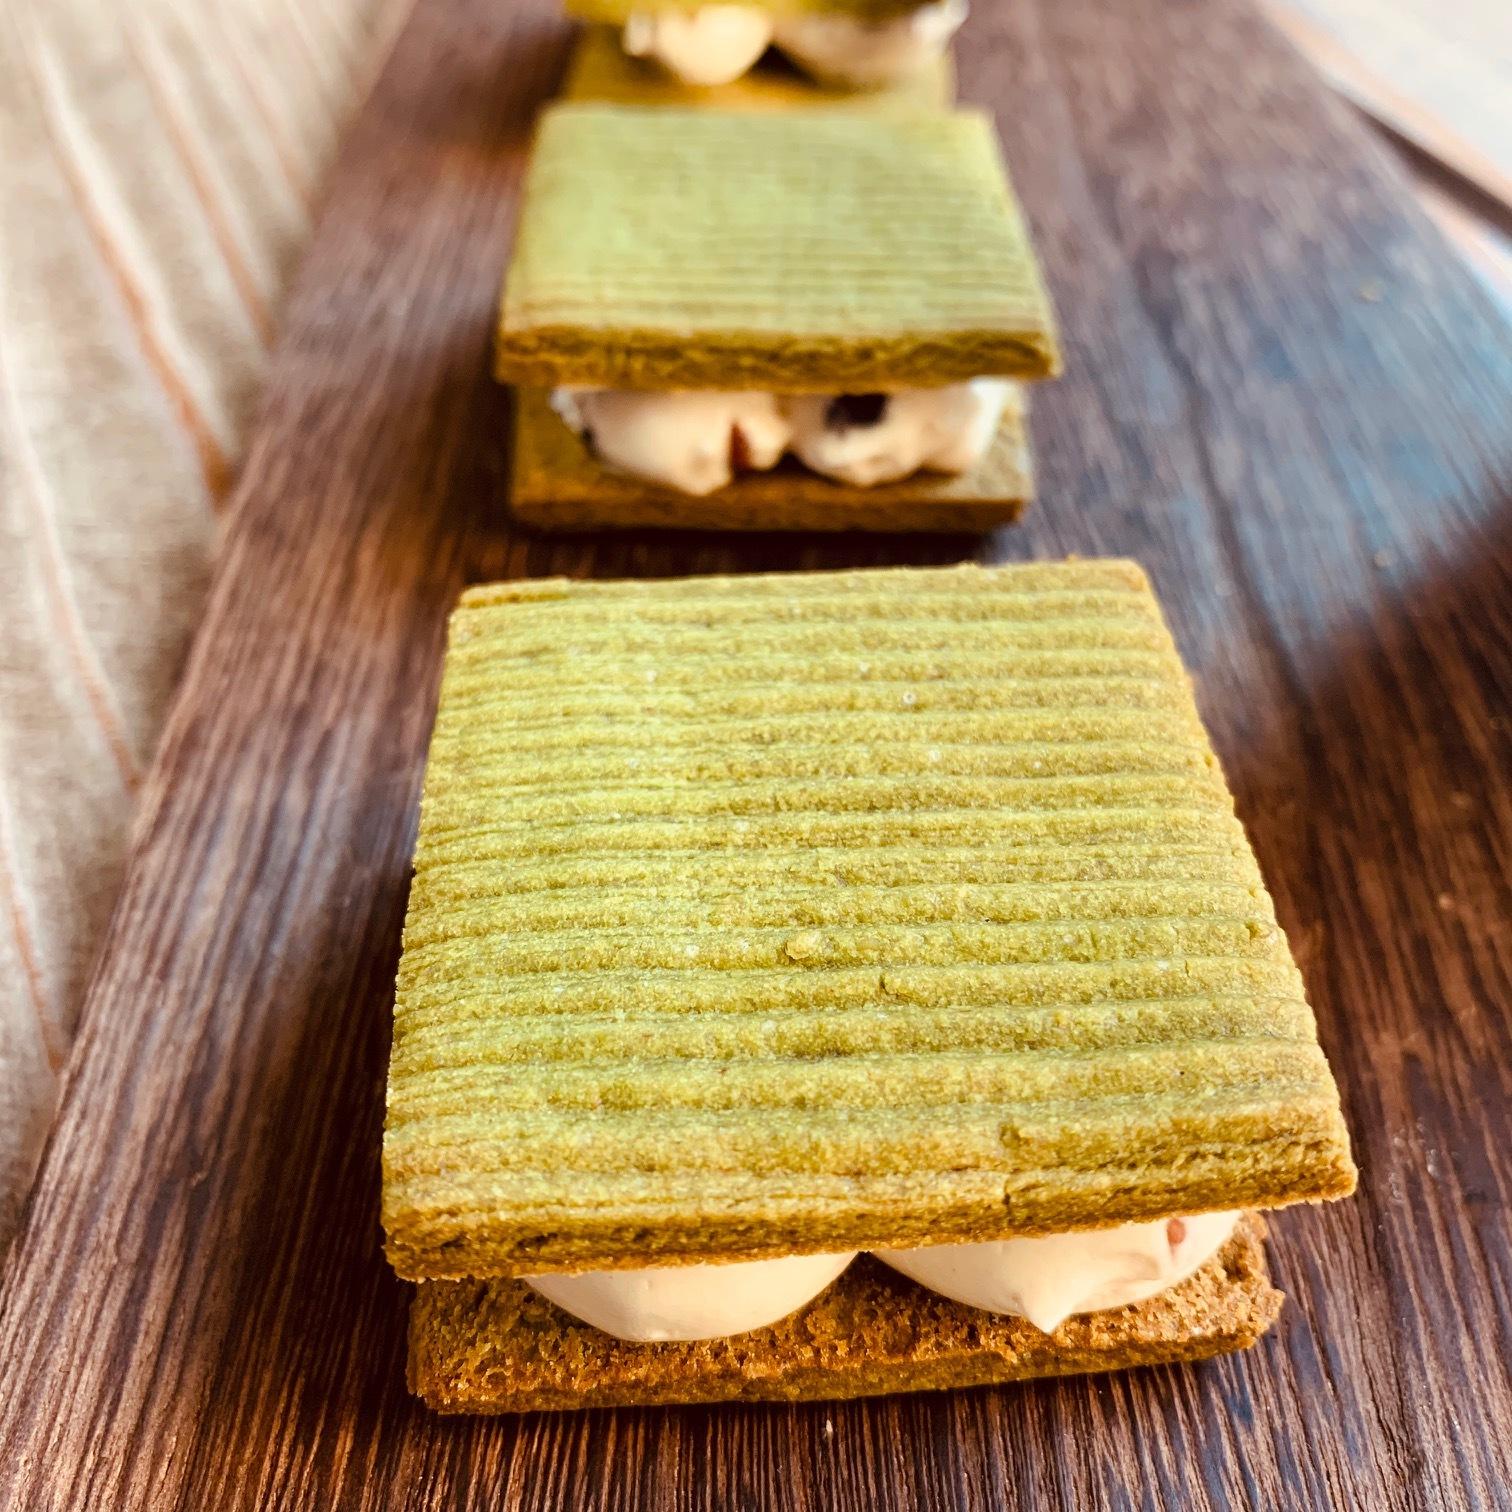 配送専用 黒千石(無農薬黒豆)と宇治抹茶のバターサンド 1個